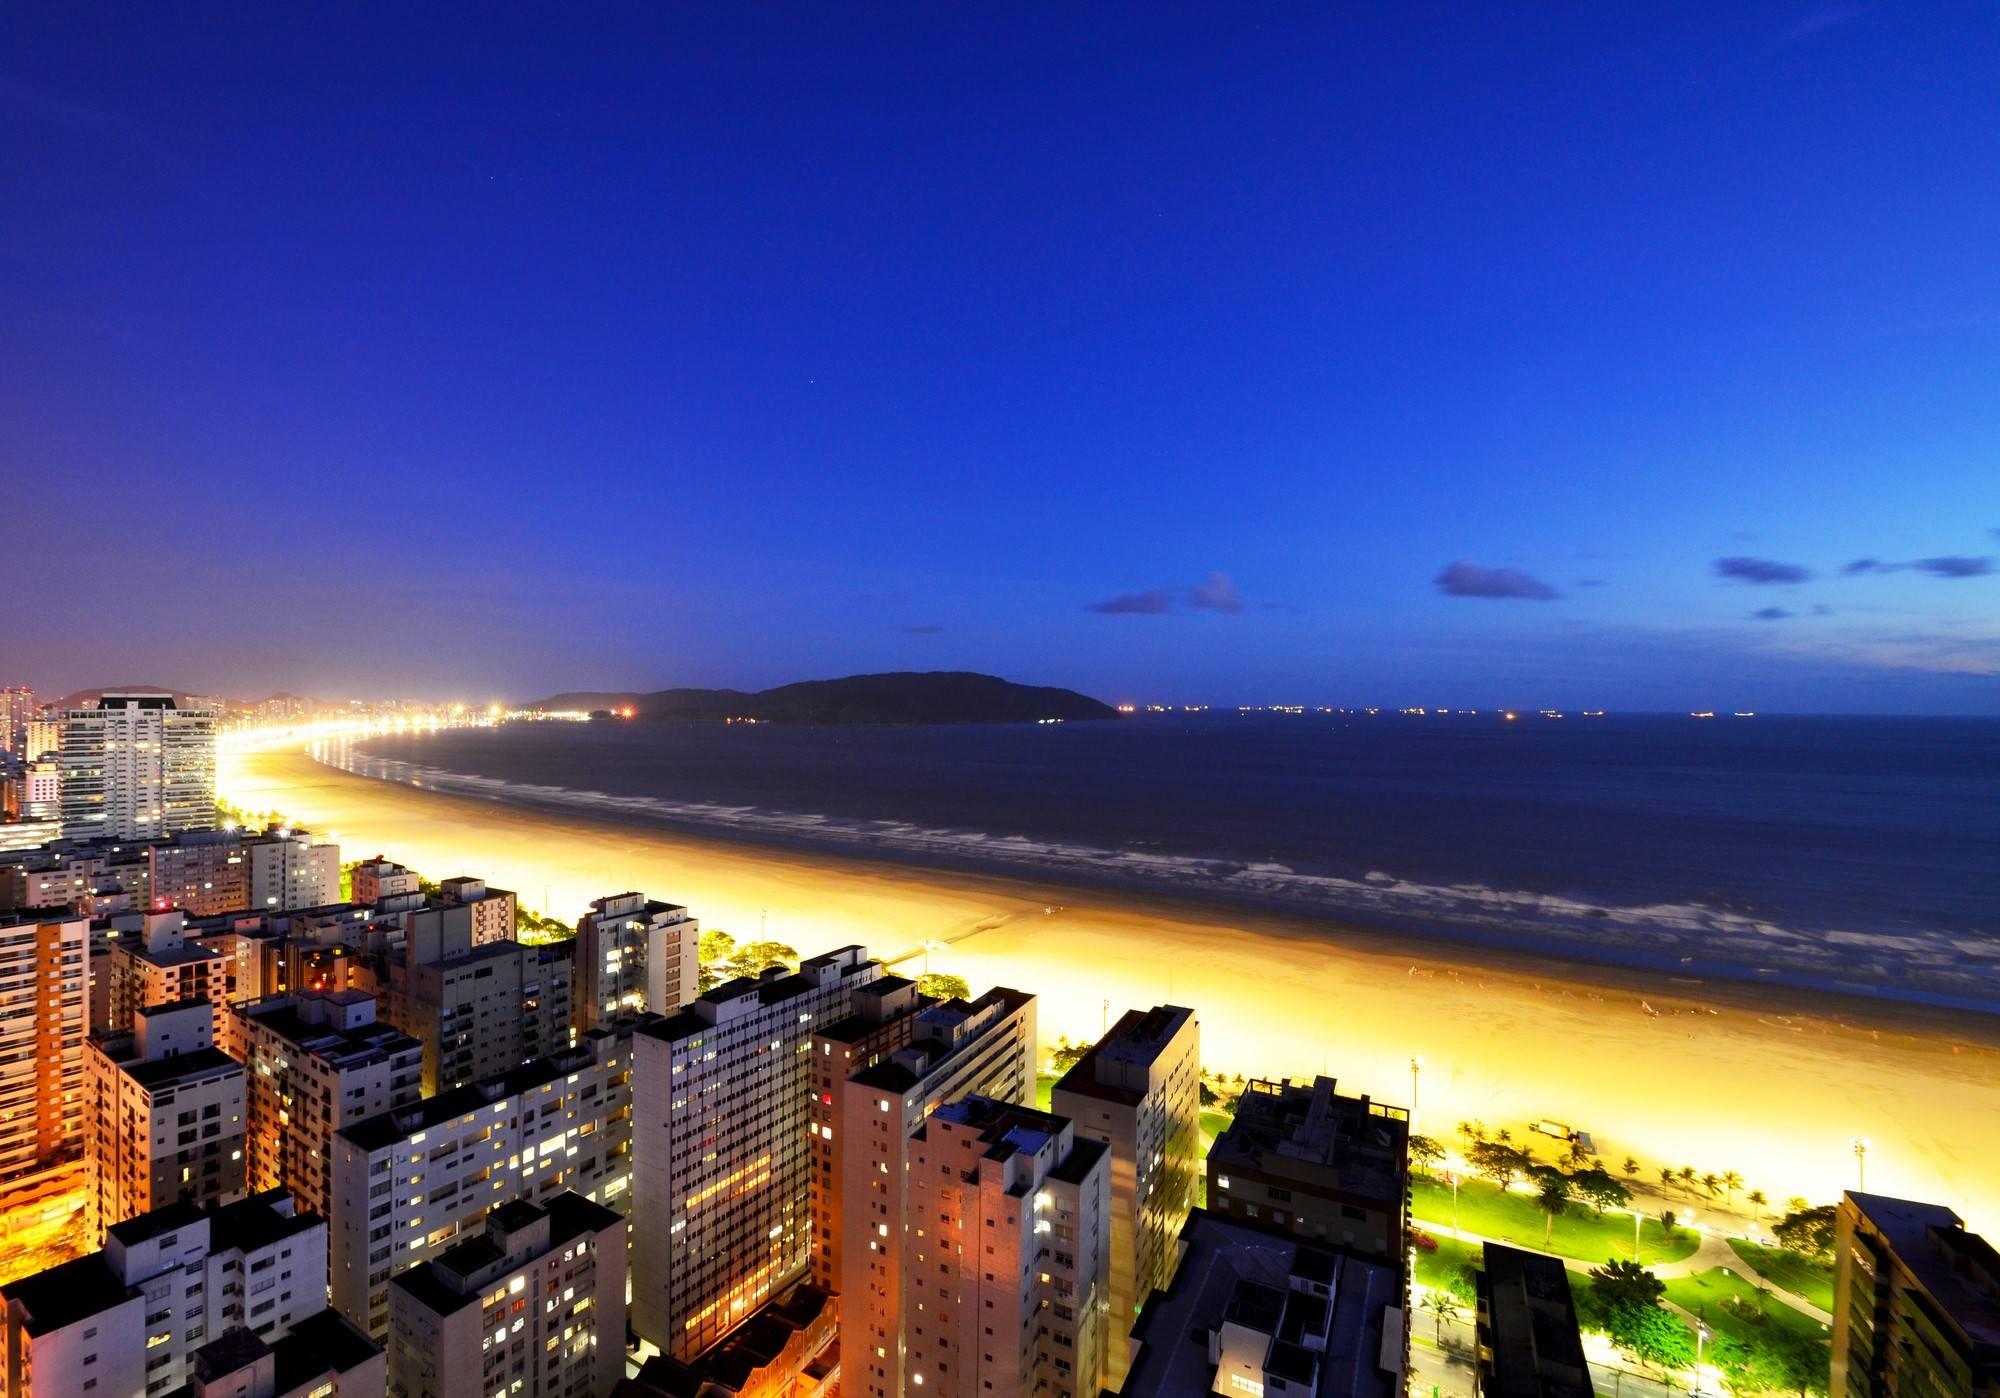 www.juicysantos.com.br - vista noturna da orla de santos turismo e economia criativa